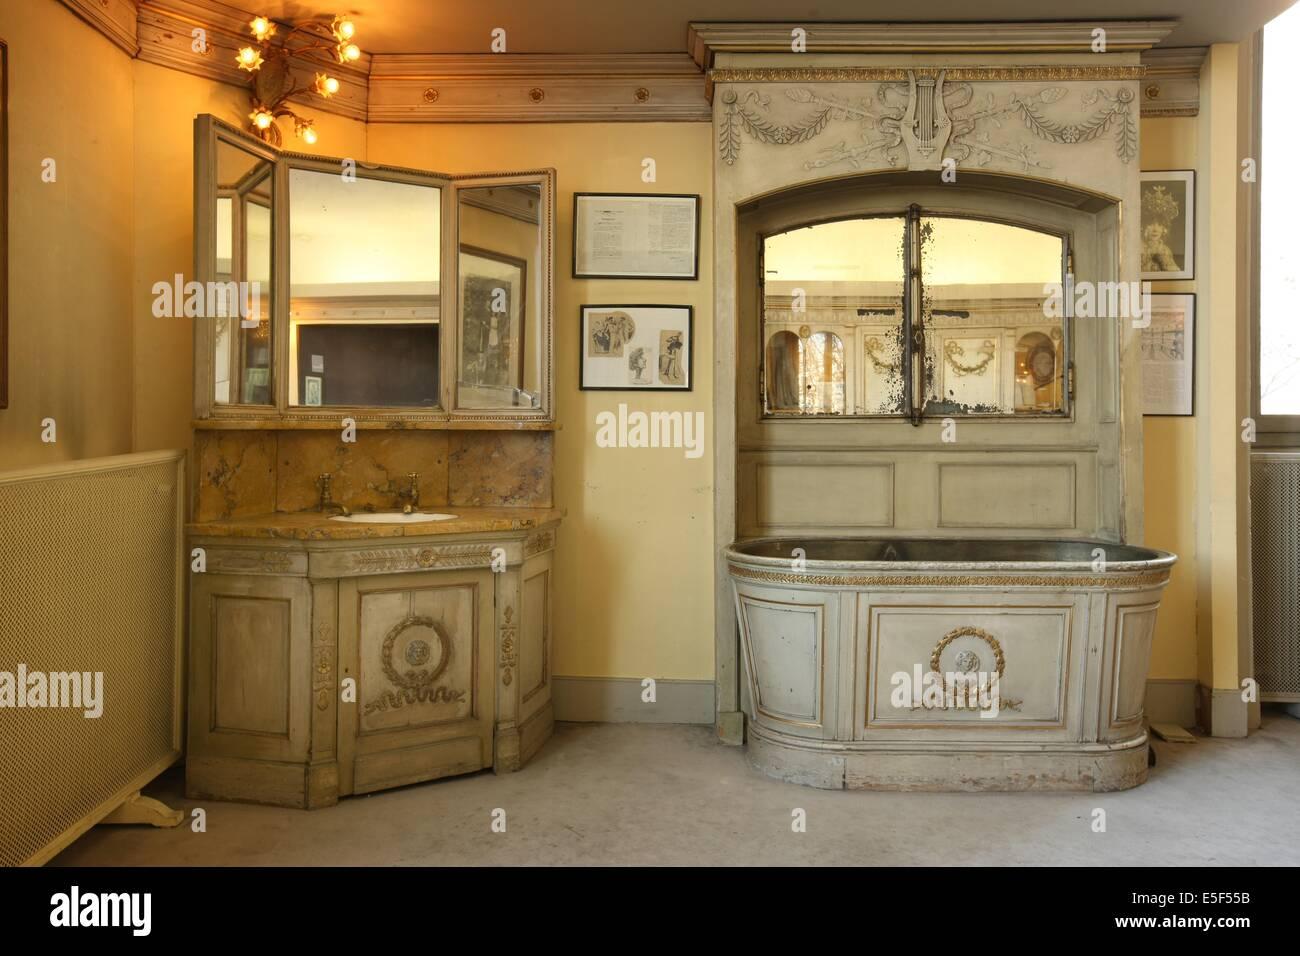 France Ile De France Paris 1er Arrondissement Place Du Chatelet Stock Photo Alamy